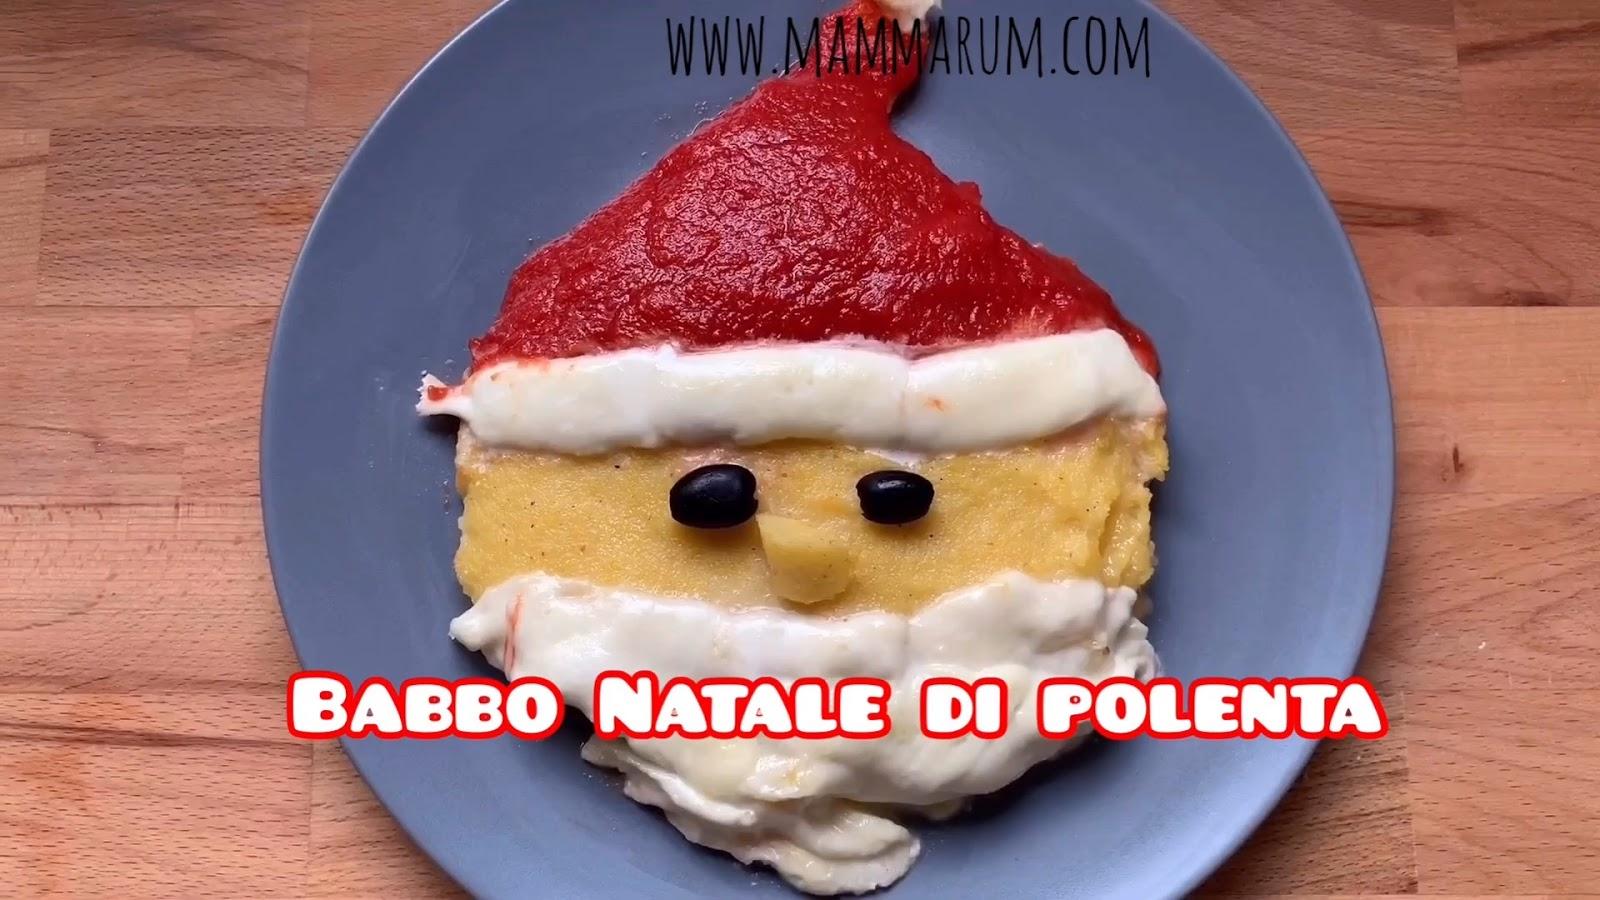 Avvento giorno 6: Babbo Natale di polenta